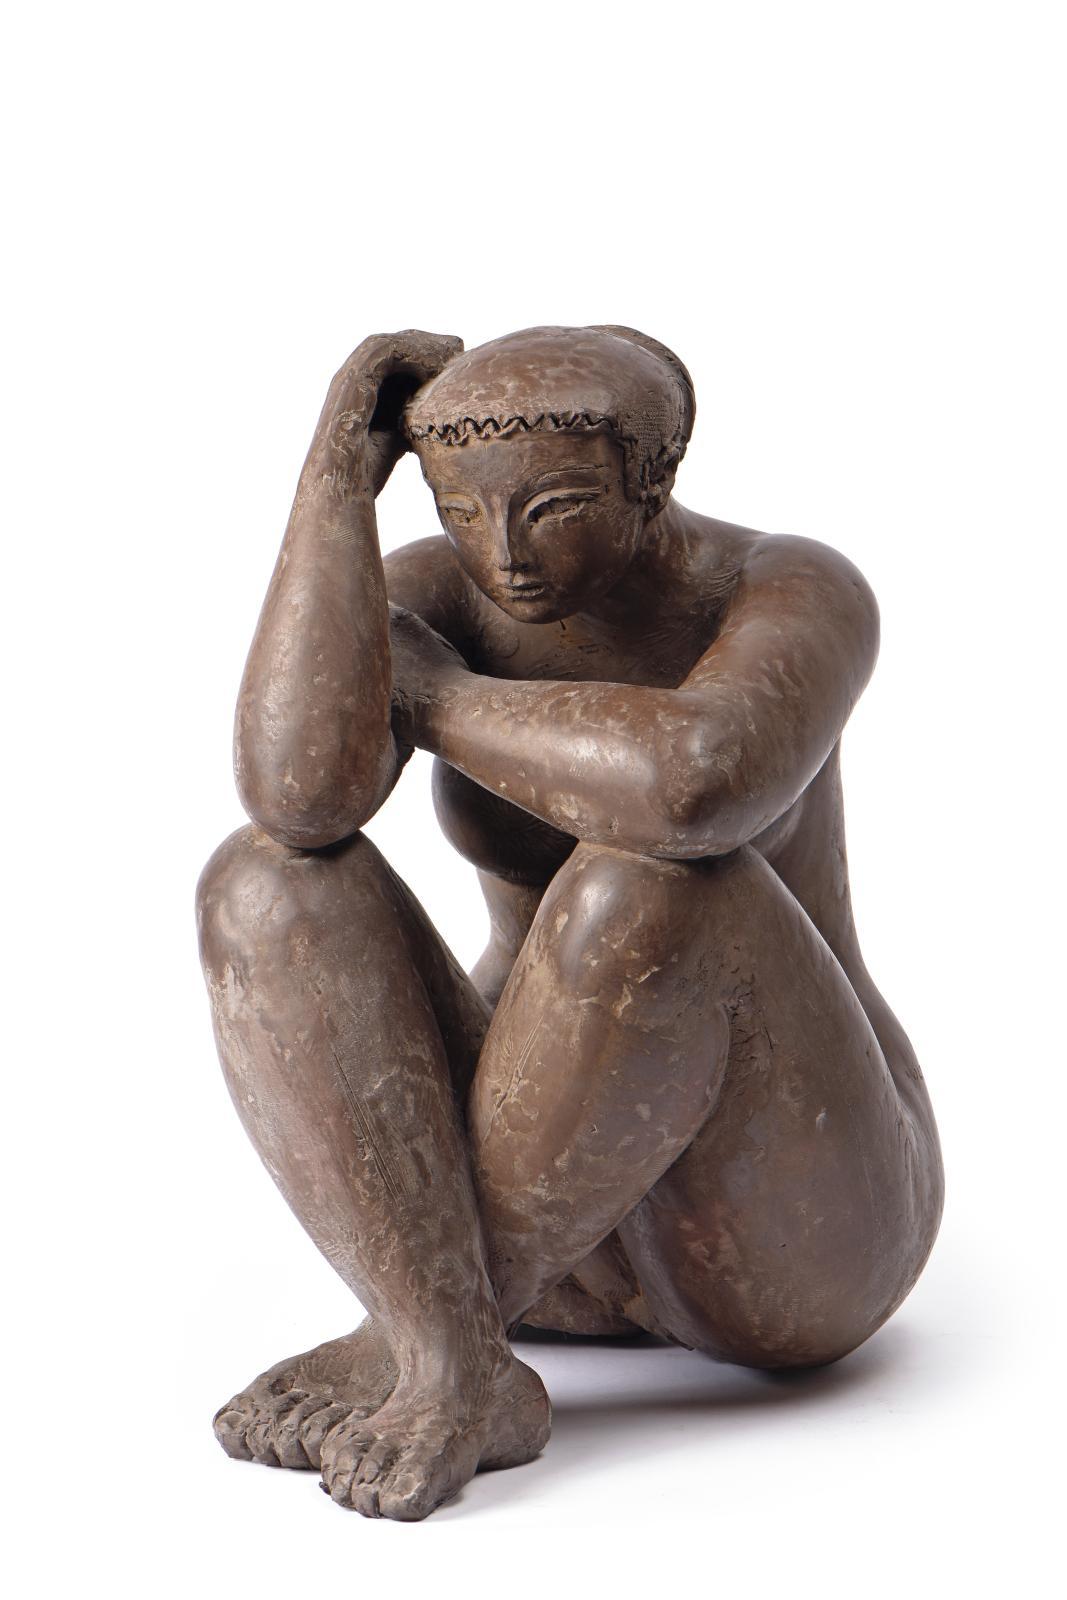 Né à Albano Laziale, en Italie, Antoniucci Volti(1915-1989) s'affirmera avec ses nus féminins comme l'un des meilleurs plasticiens s'insc